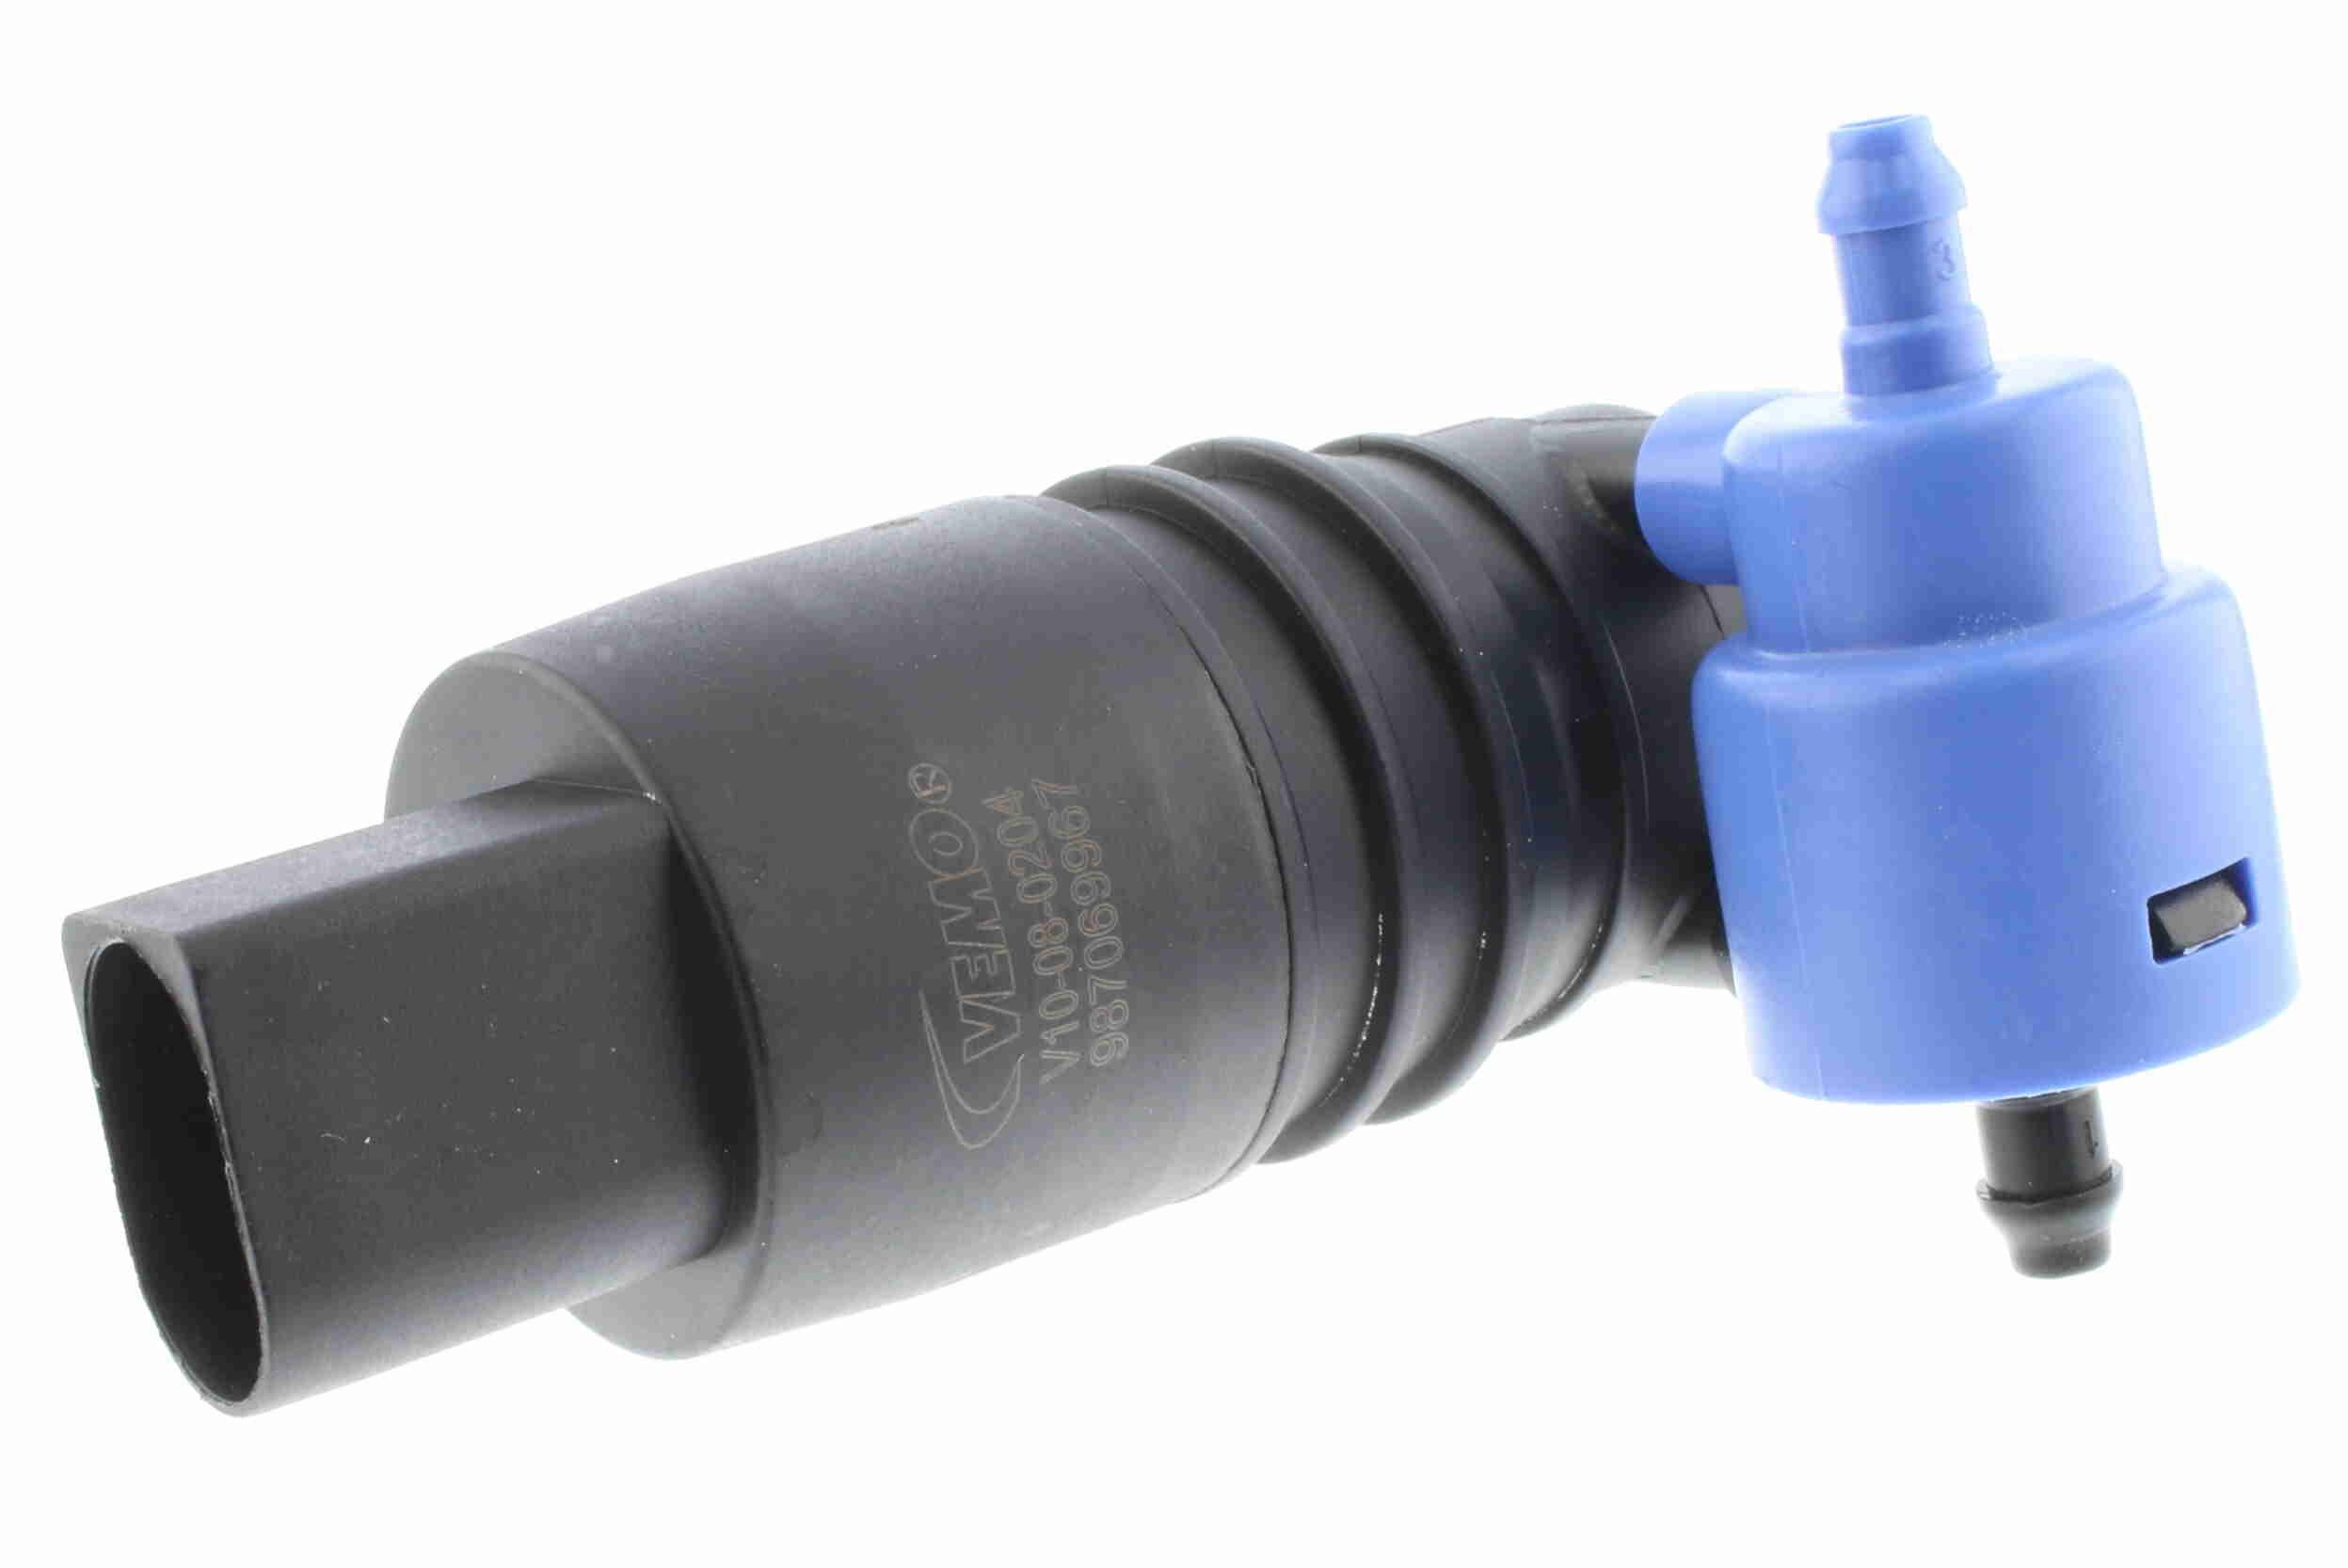 VEMO Art. Nr V10-08-0204 advantageously